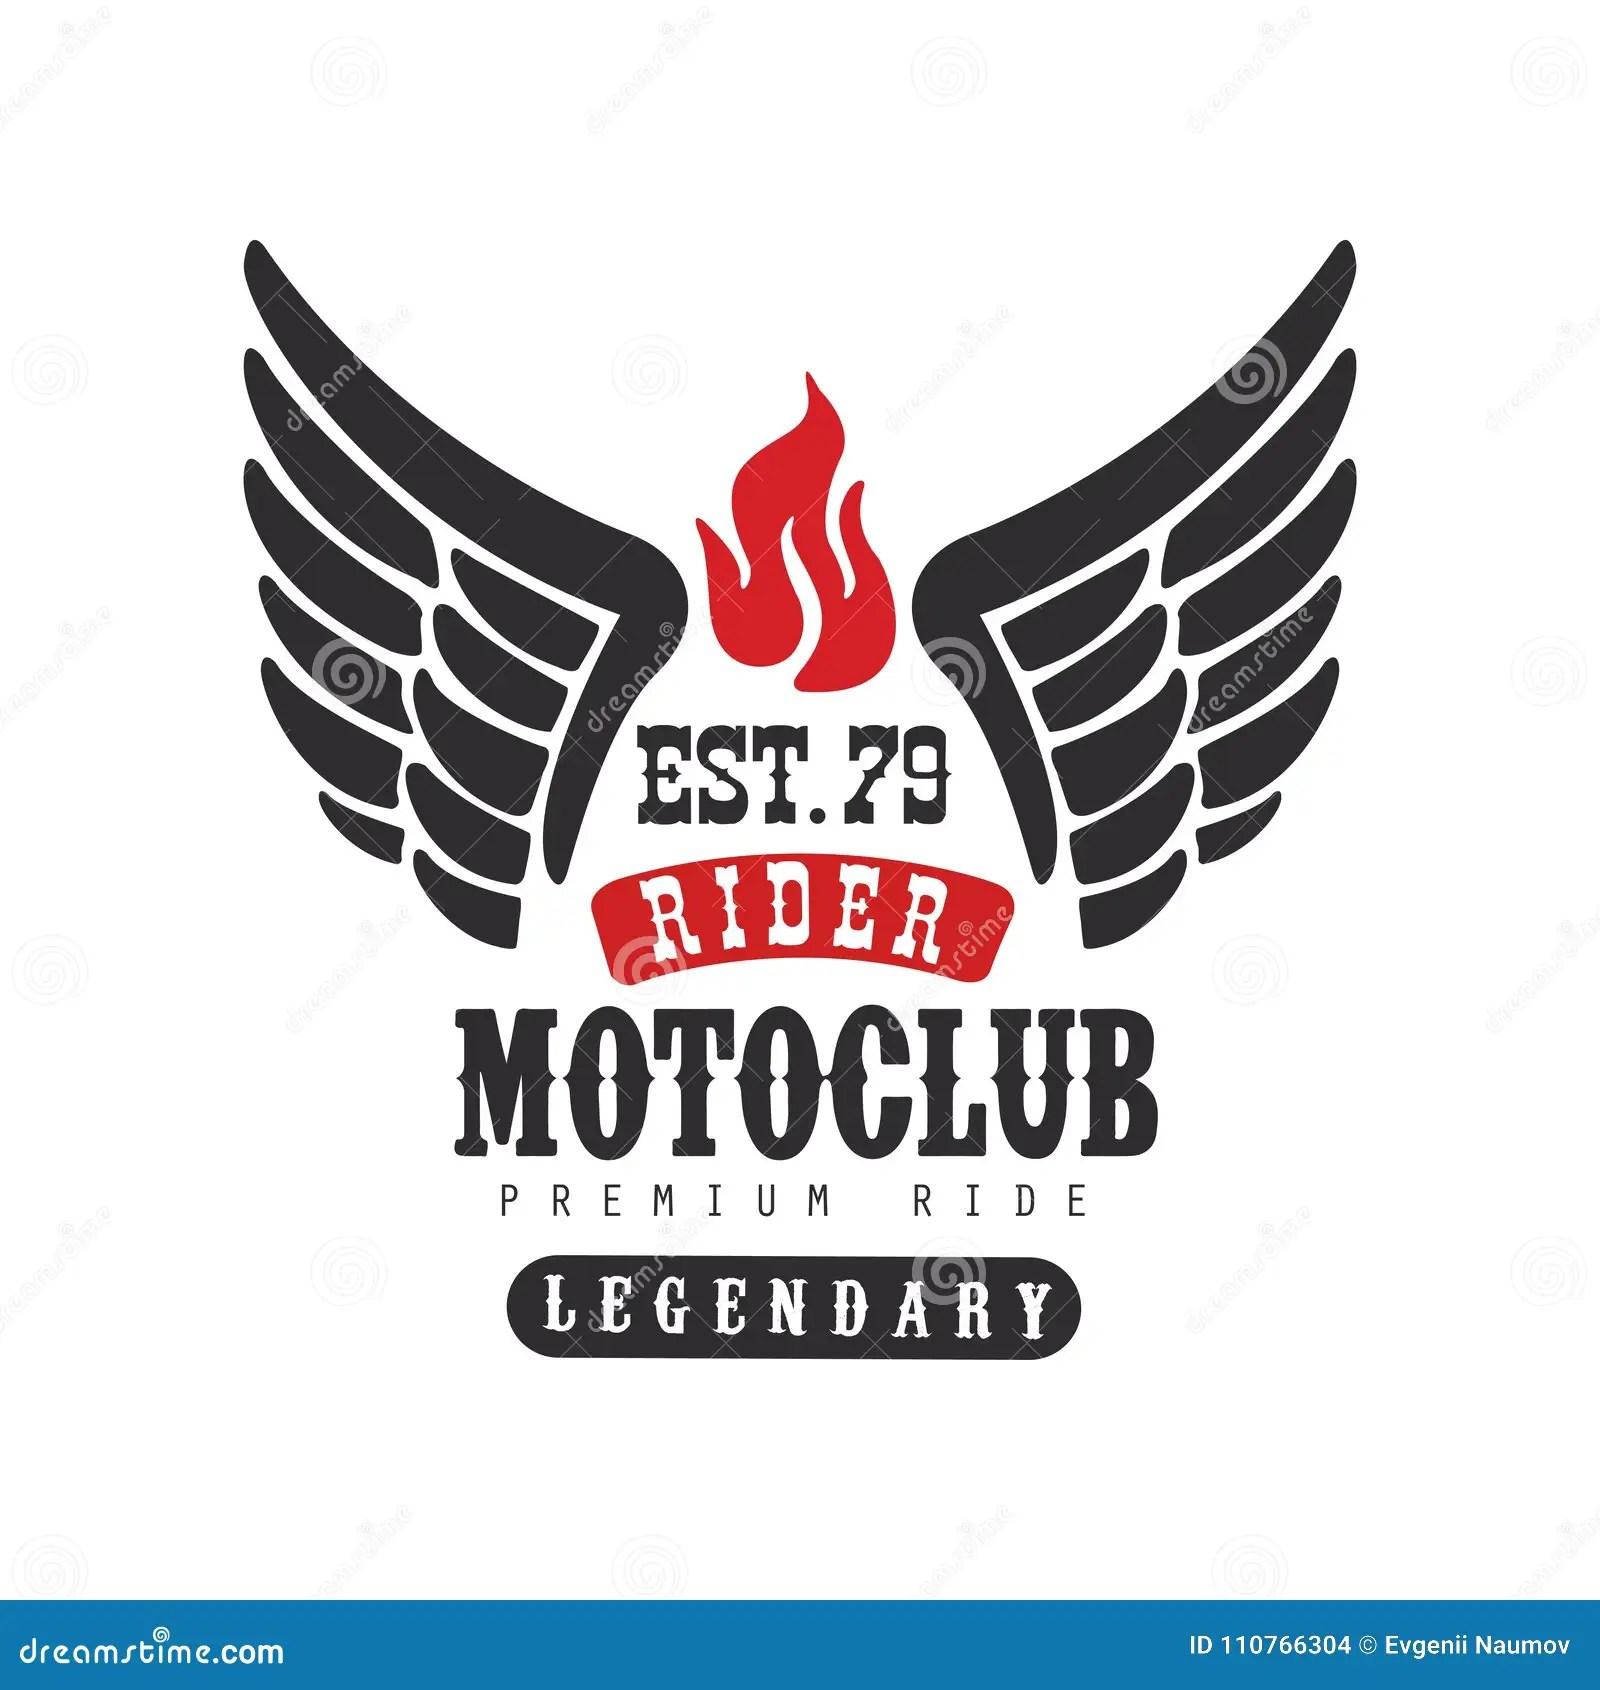 Rider Motoclub Logo, Premium Ride Est 1979, Design Element